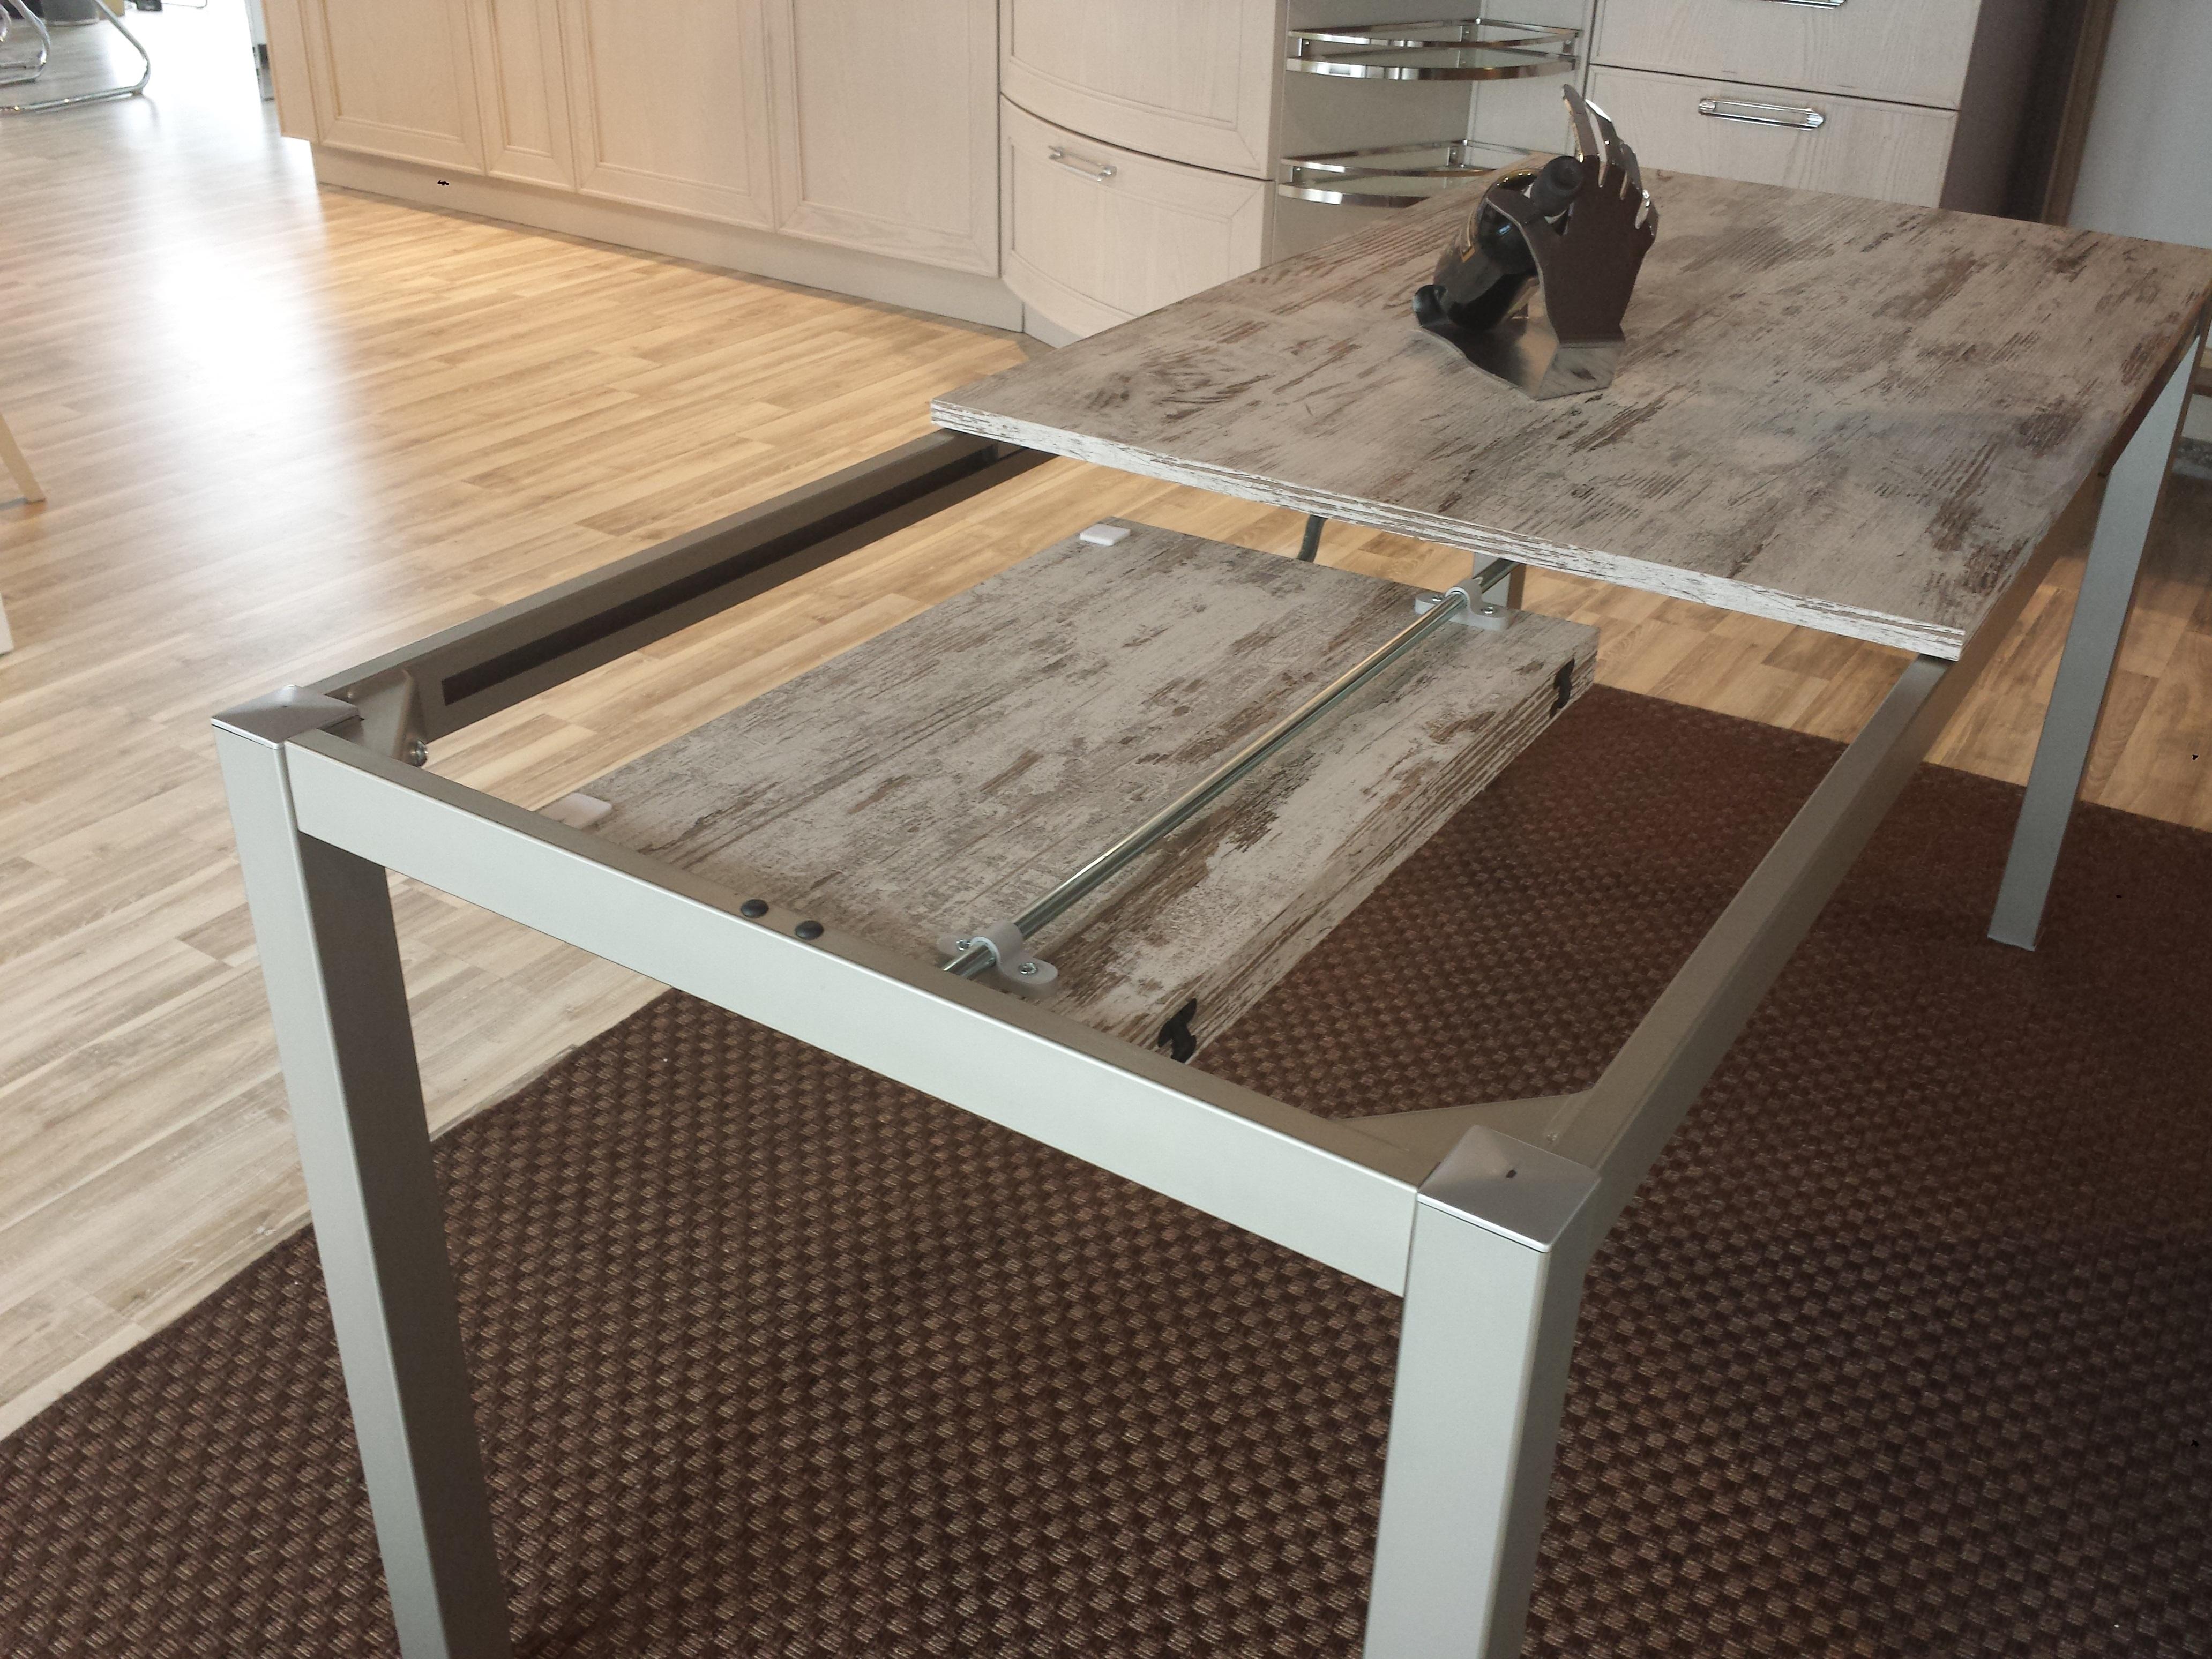 Tavolo da cucina allungabile kitchen 18691 tavoli a - Tavoli da cucina allungabili ...